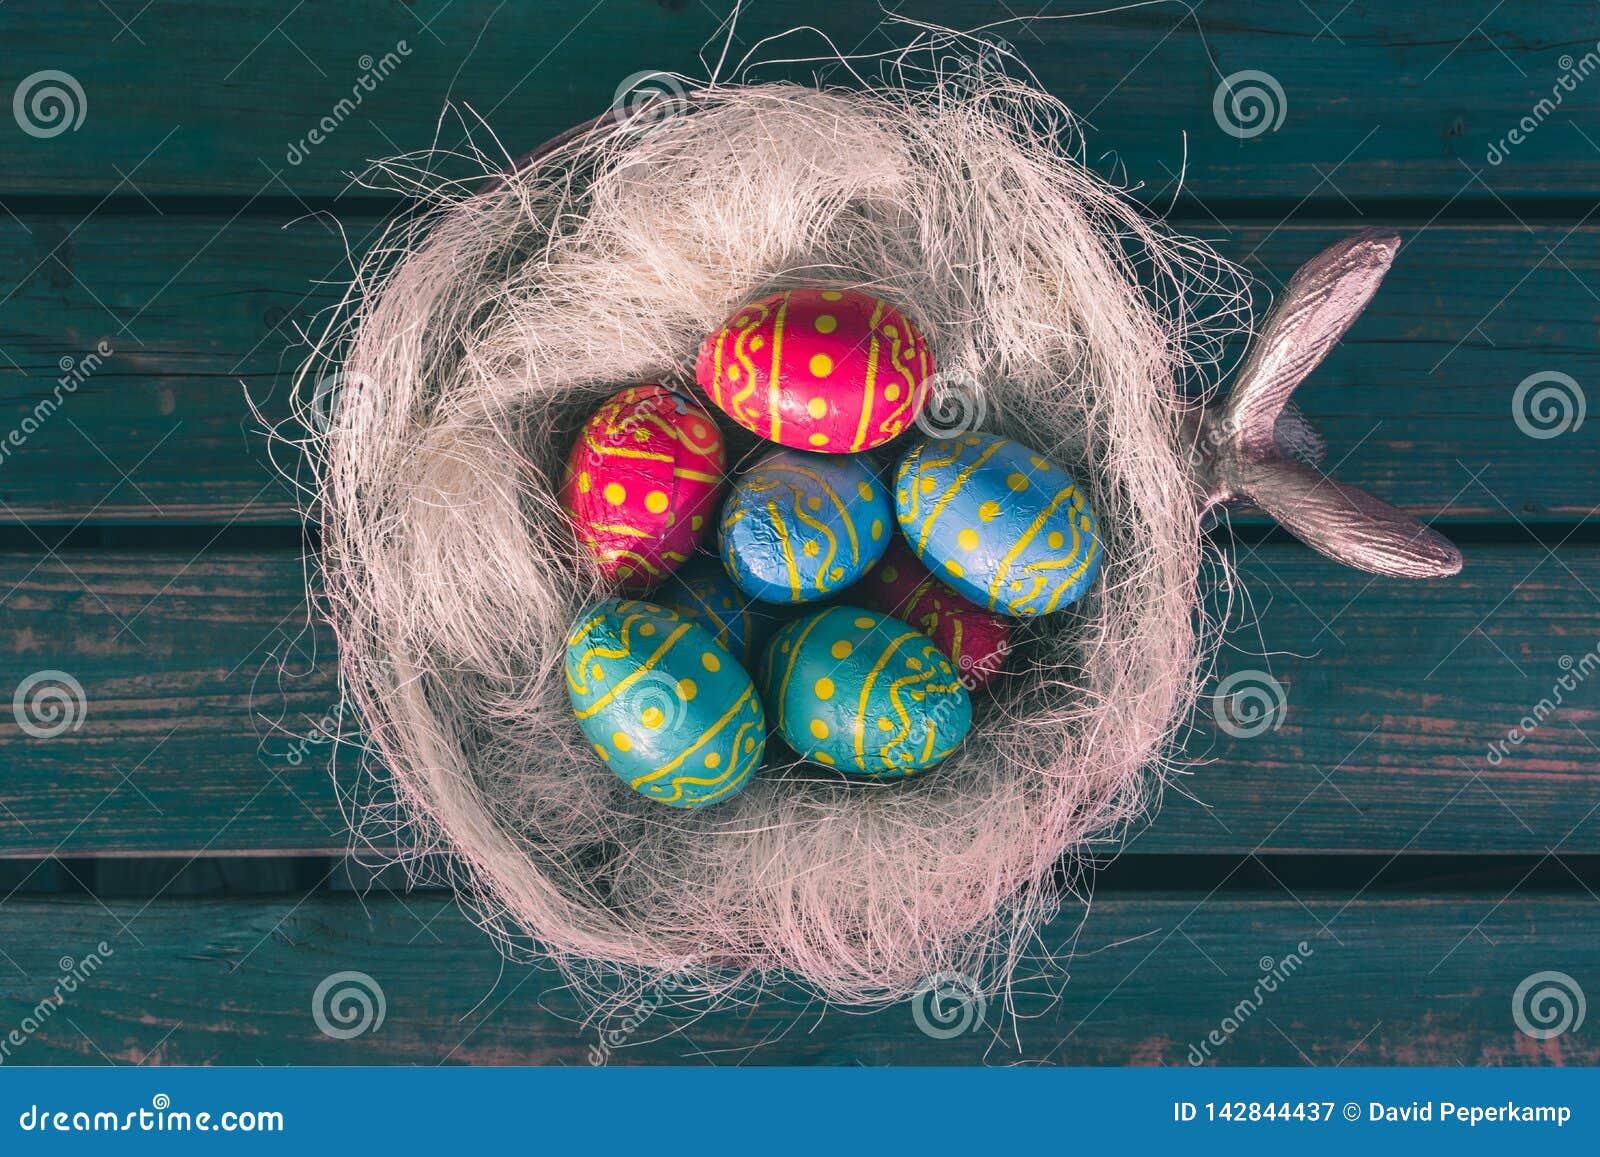 Wielkanocny puchar z choclate jajkami, zielona ławka, Paasdecoratie, paas eitjes